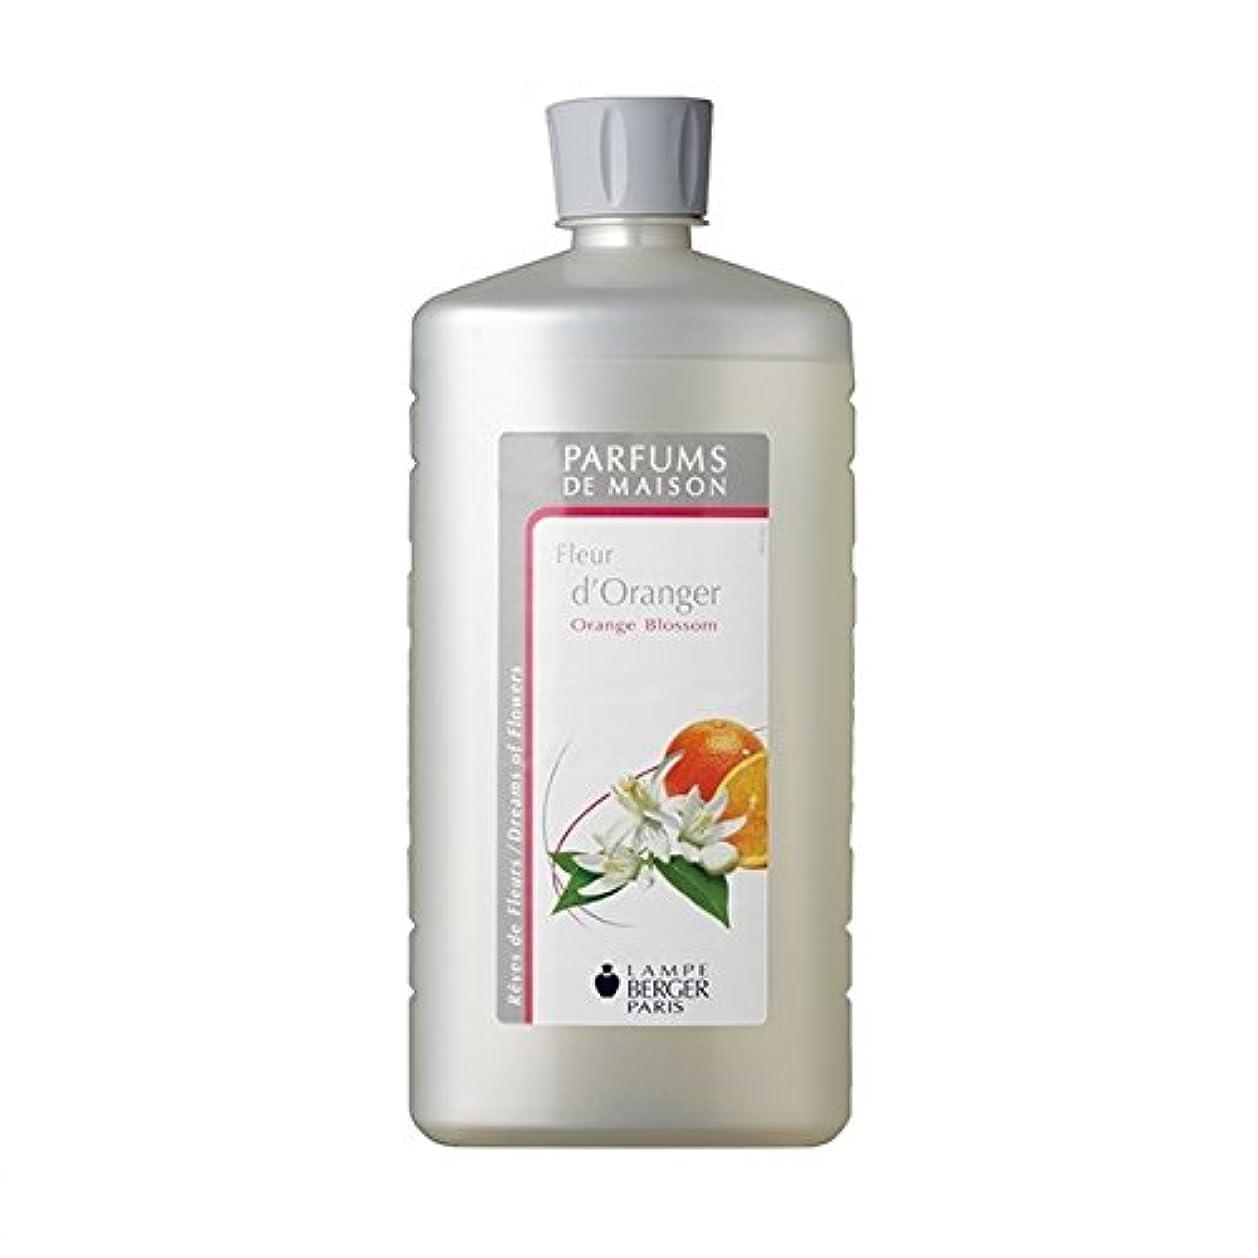 許可援助する変化するランプベルジェオイル(オレンジブロッサム)Fleur d'oranger / Orange Blossom